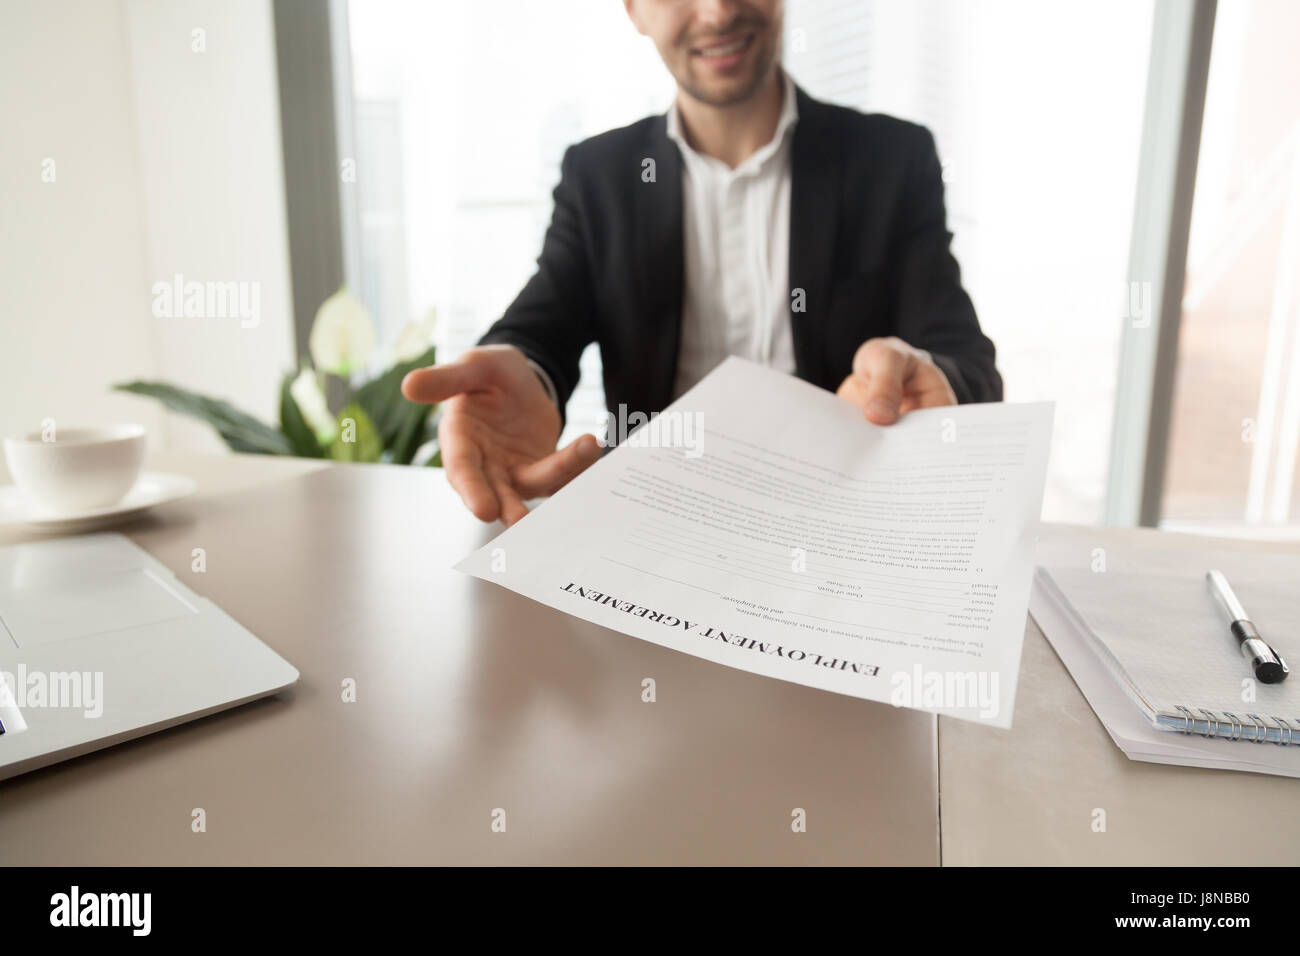 Gerente de Reclutamiento de llegar hoja con acuerdo de empleo. Sonriendo CEO ofrece a leer y revisar las condiciones de trabajo, invita a firmar el documento. Gett Foto de stock